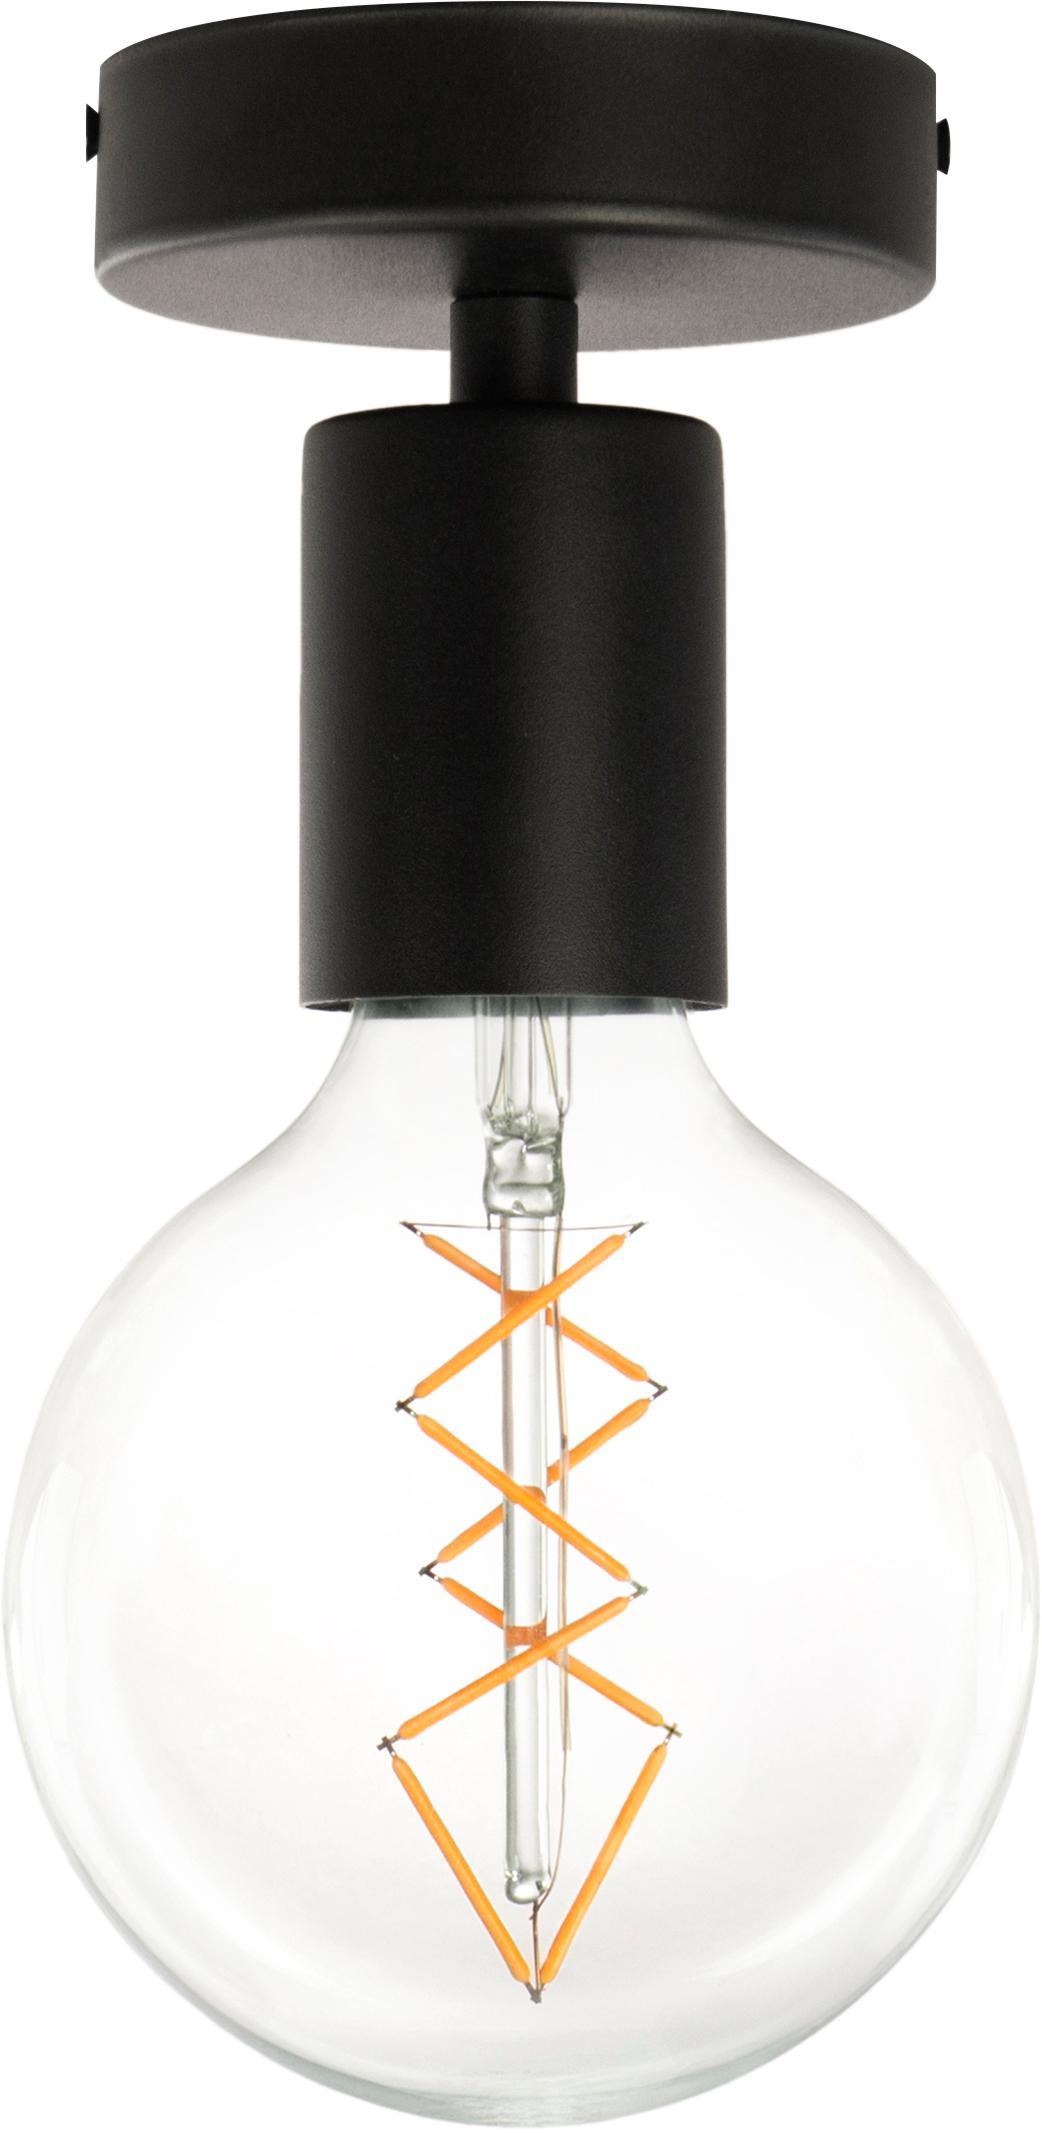 Lampa sufitowa bez żarówki Cero, Czarny, Ø 10 x W 12 cm